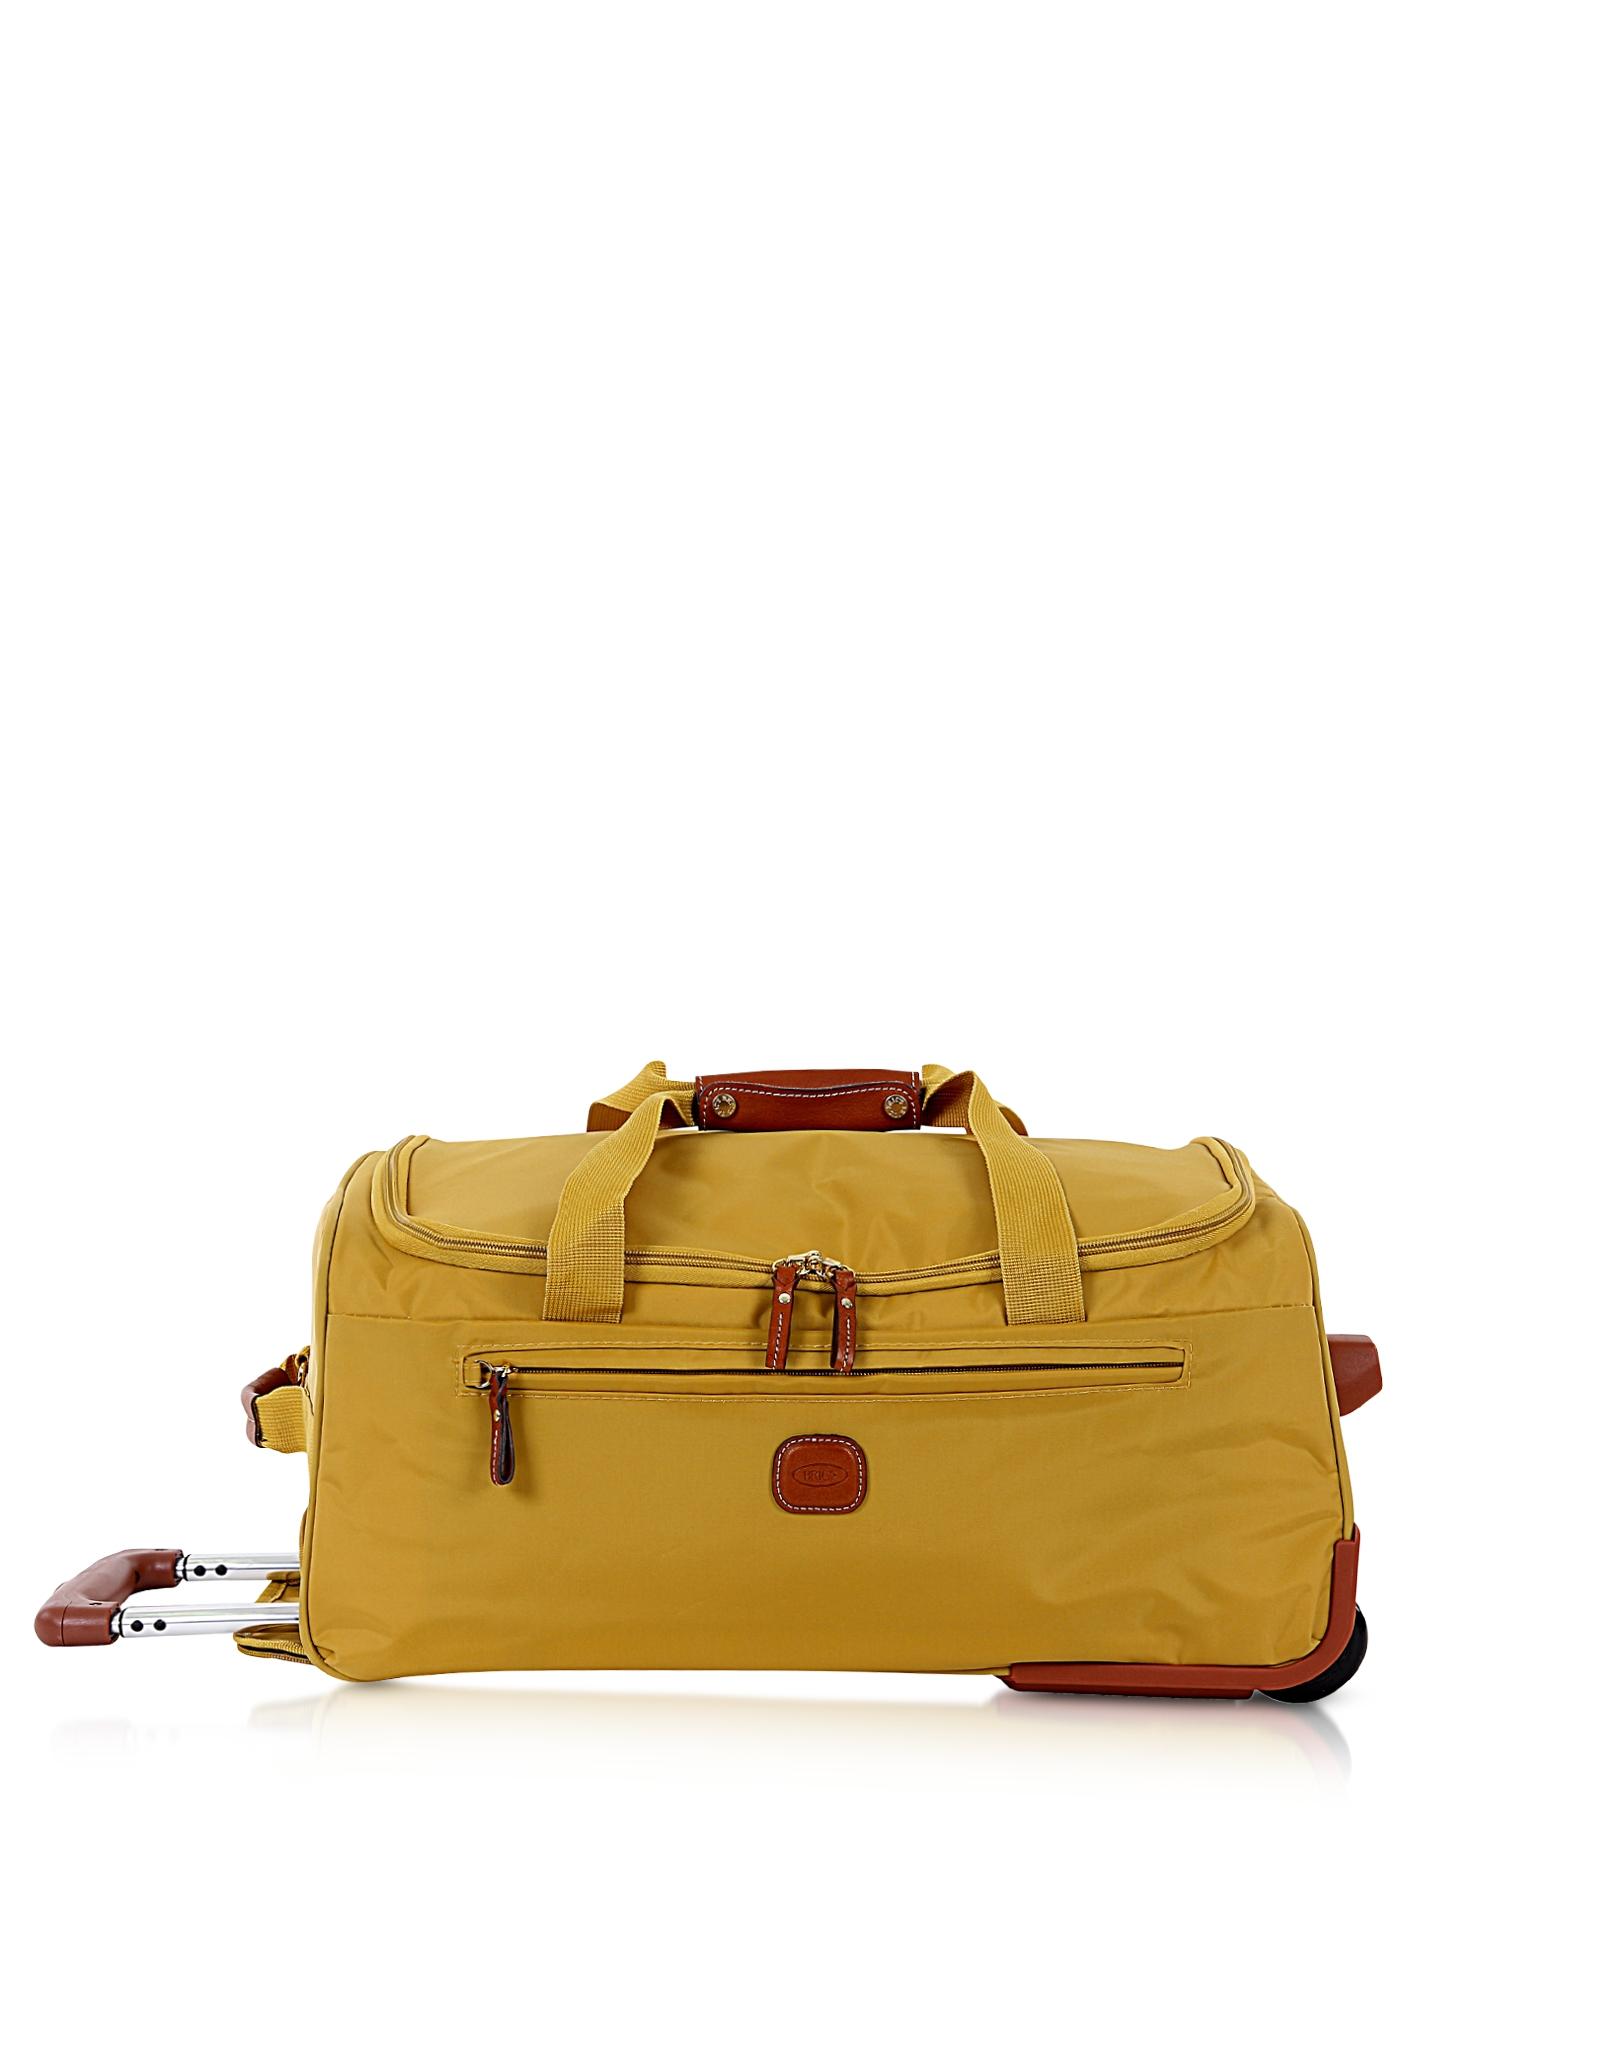 Brics Travel Bag